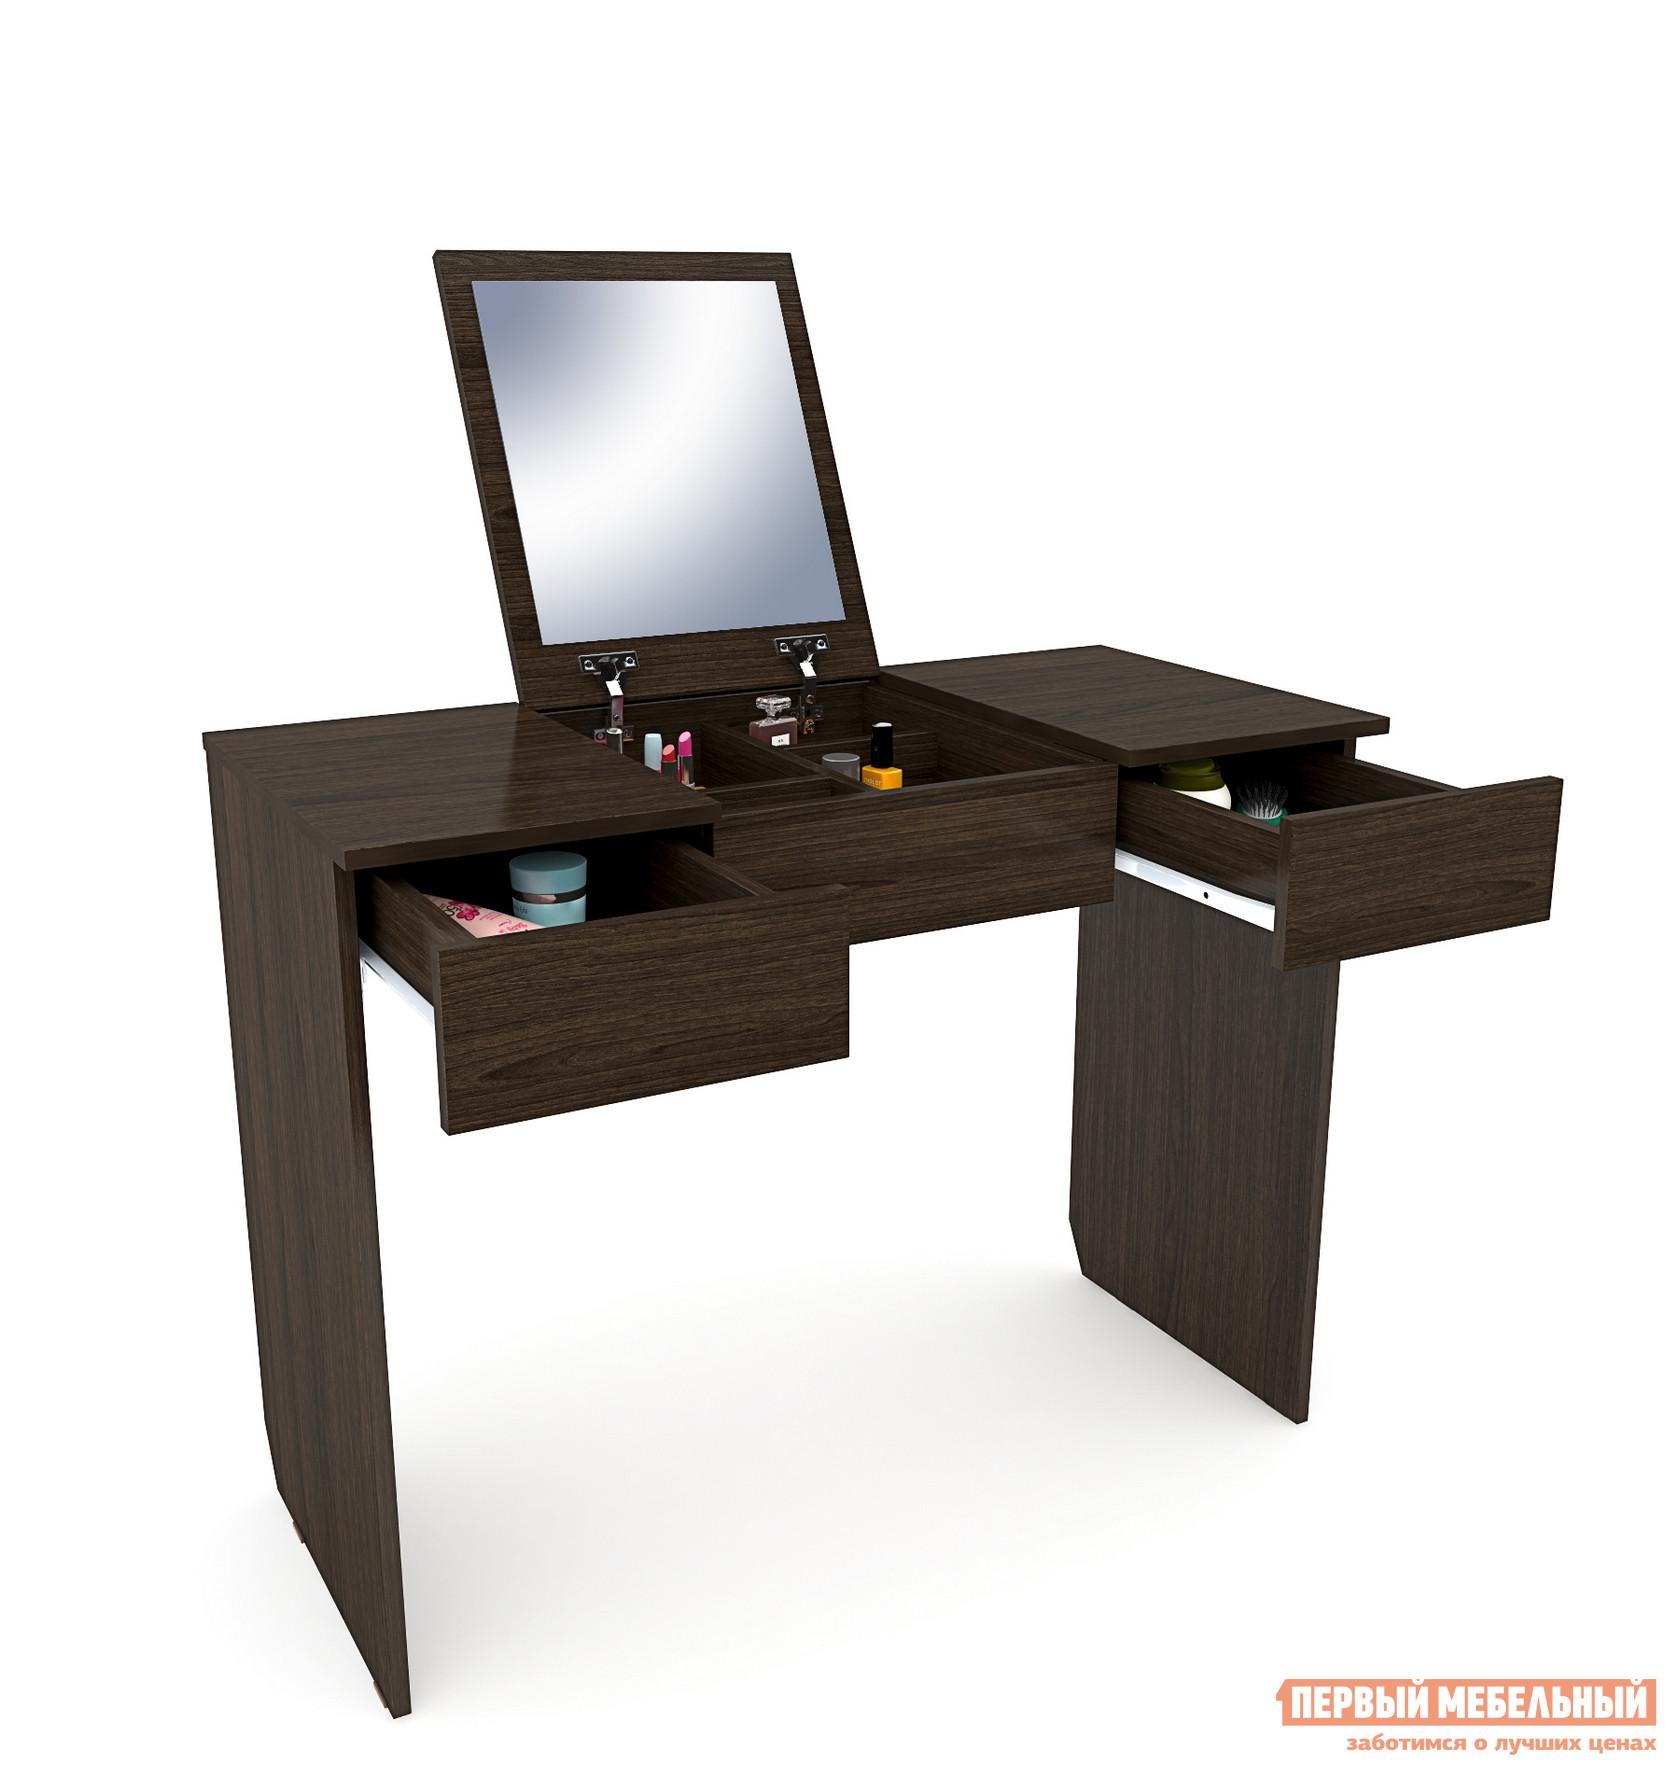 Туалетный столик МФ Мастер Риано-2 ВенгеТуалетные столики<br>Габаритные размеры ВхШхГ 780x1008x430 мм. Функциональная и очень удобная модель туалетного столика для ценителей качества и комфорта.  Модель оснащена откидным зеркалом, когда оно сложенно столик может использоваться как письменный или столик для ноутбука.  Такое компактное изделие особенно удобно для небольших помещений.  Столик оснащен двумя выдвижными ящиками для различных мелких принадлежностей.  Под откидной крышкой в центре стола находится зеркало и отдельные ниши для хранения.  Изделие выполнено из ЛДСП толщиной 16 мм, торцевые части обработаны кромкой ПВХ 0,4 мм.<br><br>Цвет: Венге<br>Высота мм: 780<br>Ширина мм: 1008<br>Глубина мм: 430<br>Кол-во упаковок: 1<br>Форма поставки: В разобранном виде<br>Срок гарантии: 2 года<br>Материал: Дерево<br>Материал: ЛДСП<br>Размер: Большие<br>С зеркалом: Да<br>С ящиками: Да<br>С одним зеркалом: Да